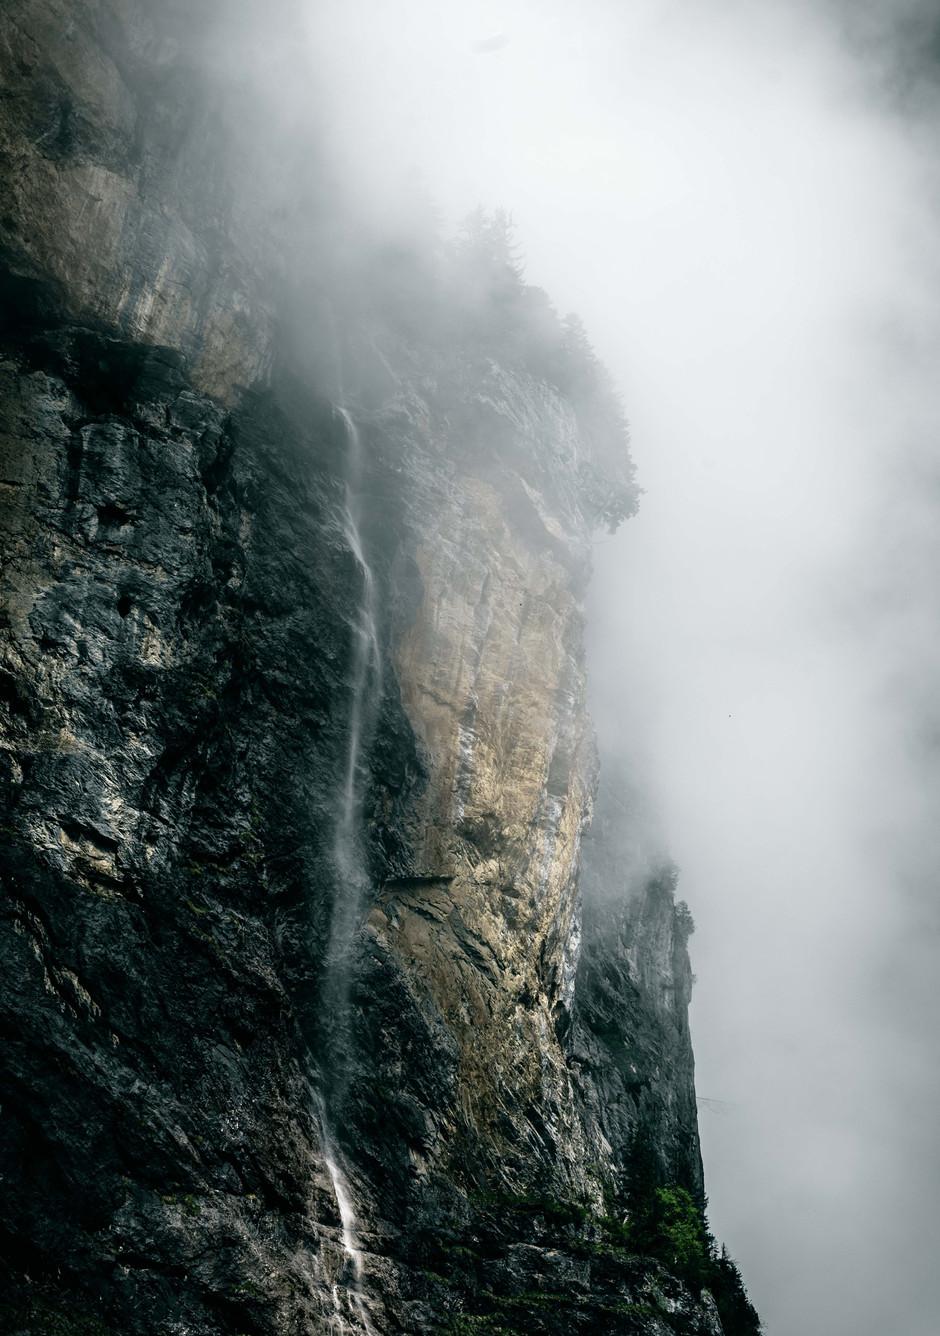 Waterfall in Lauterbrunnen